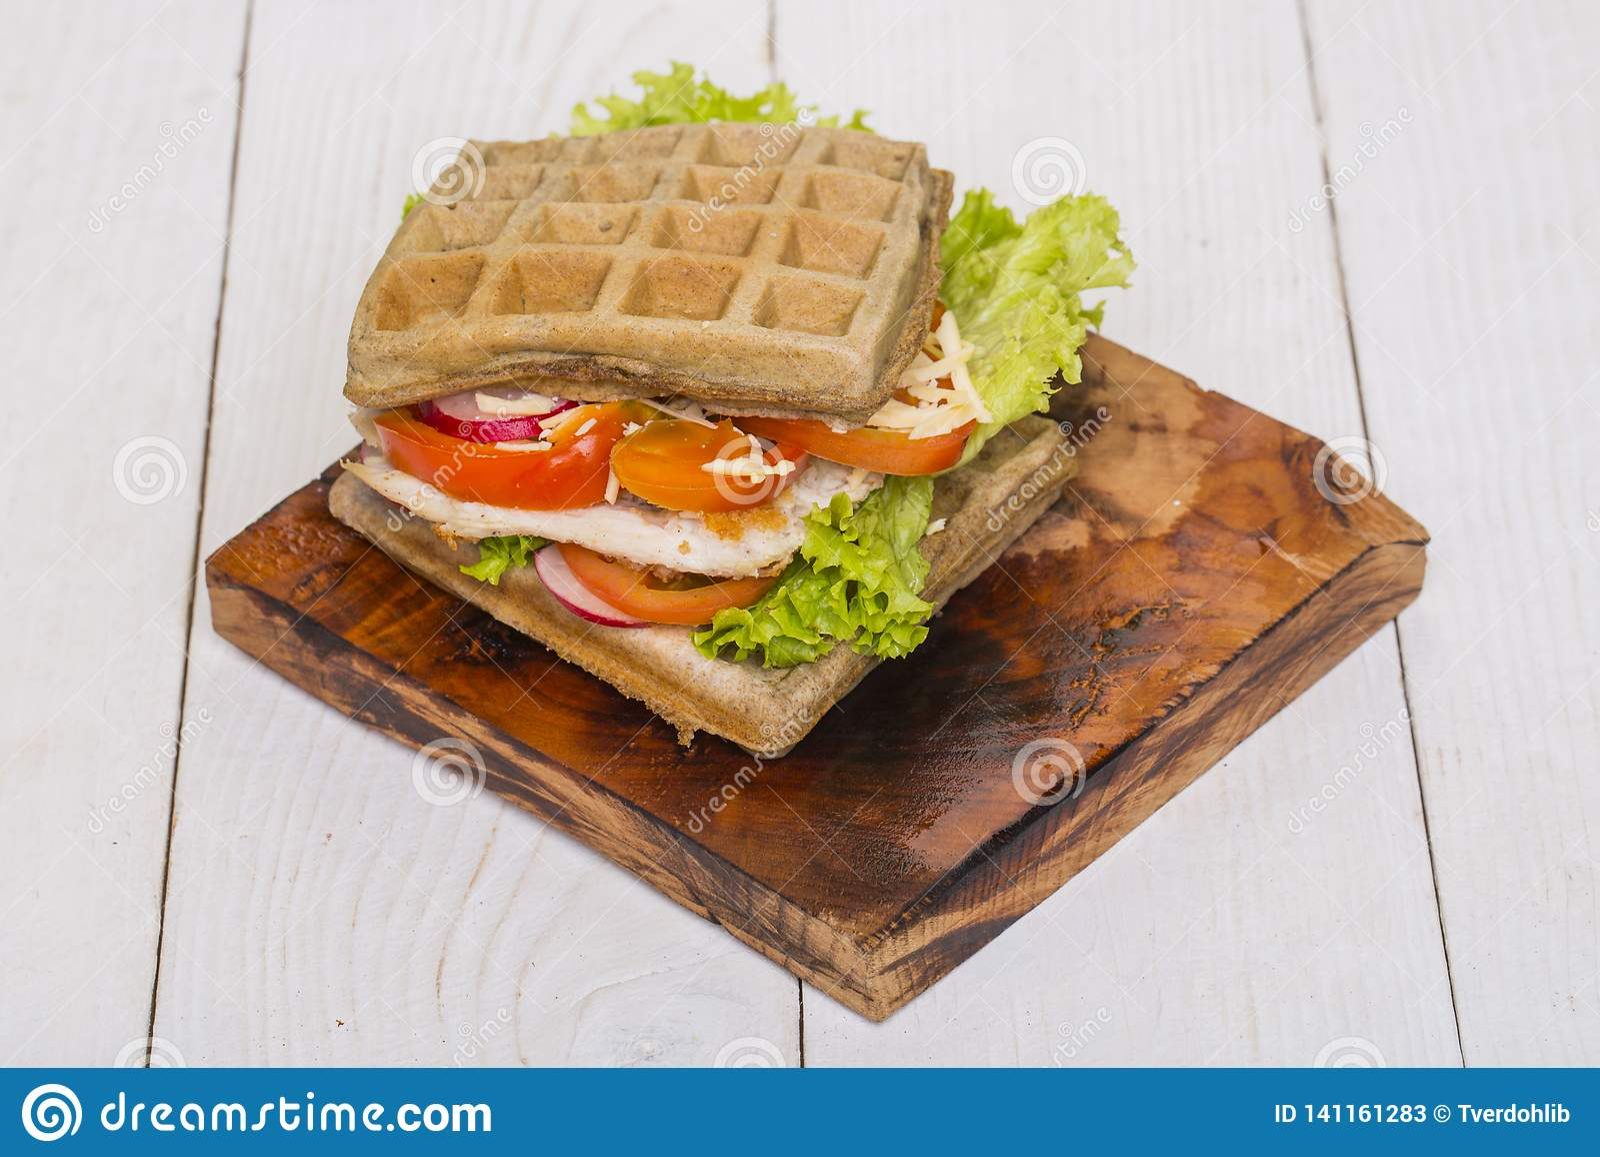 Блюдо вафли, завтрак, обед